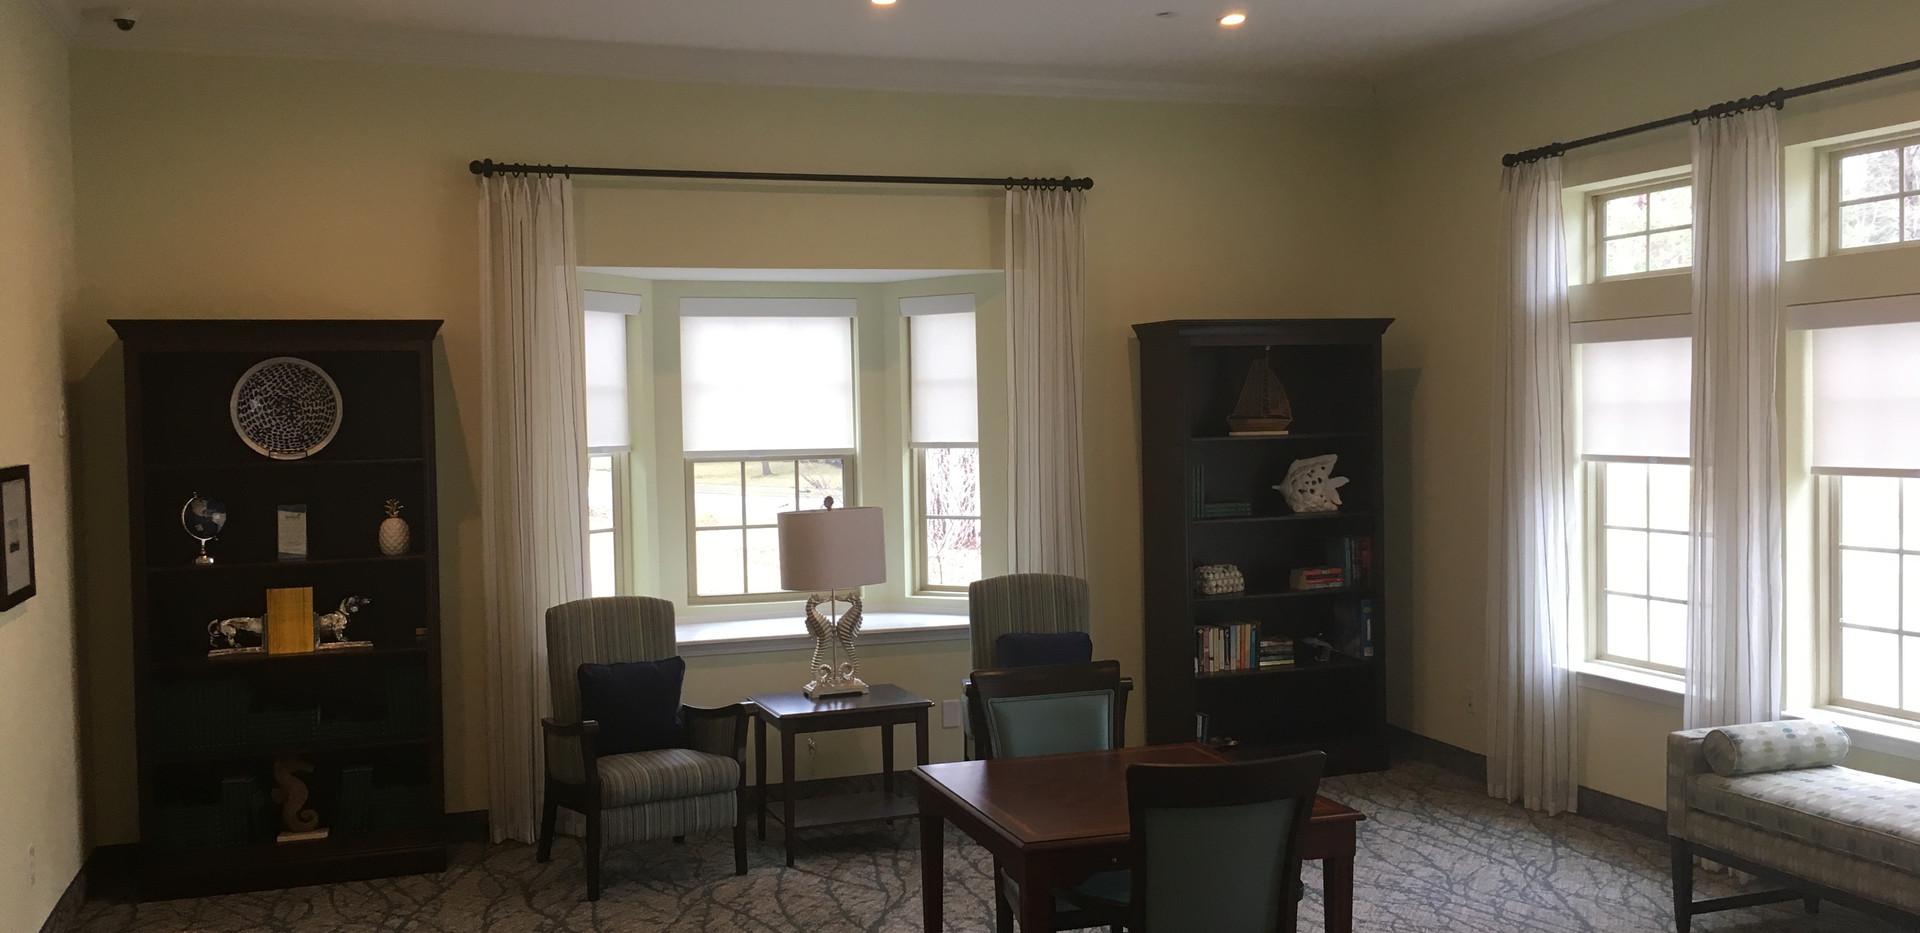 Assisted Living - Living Room #4.JPG